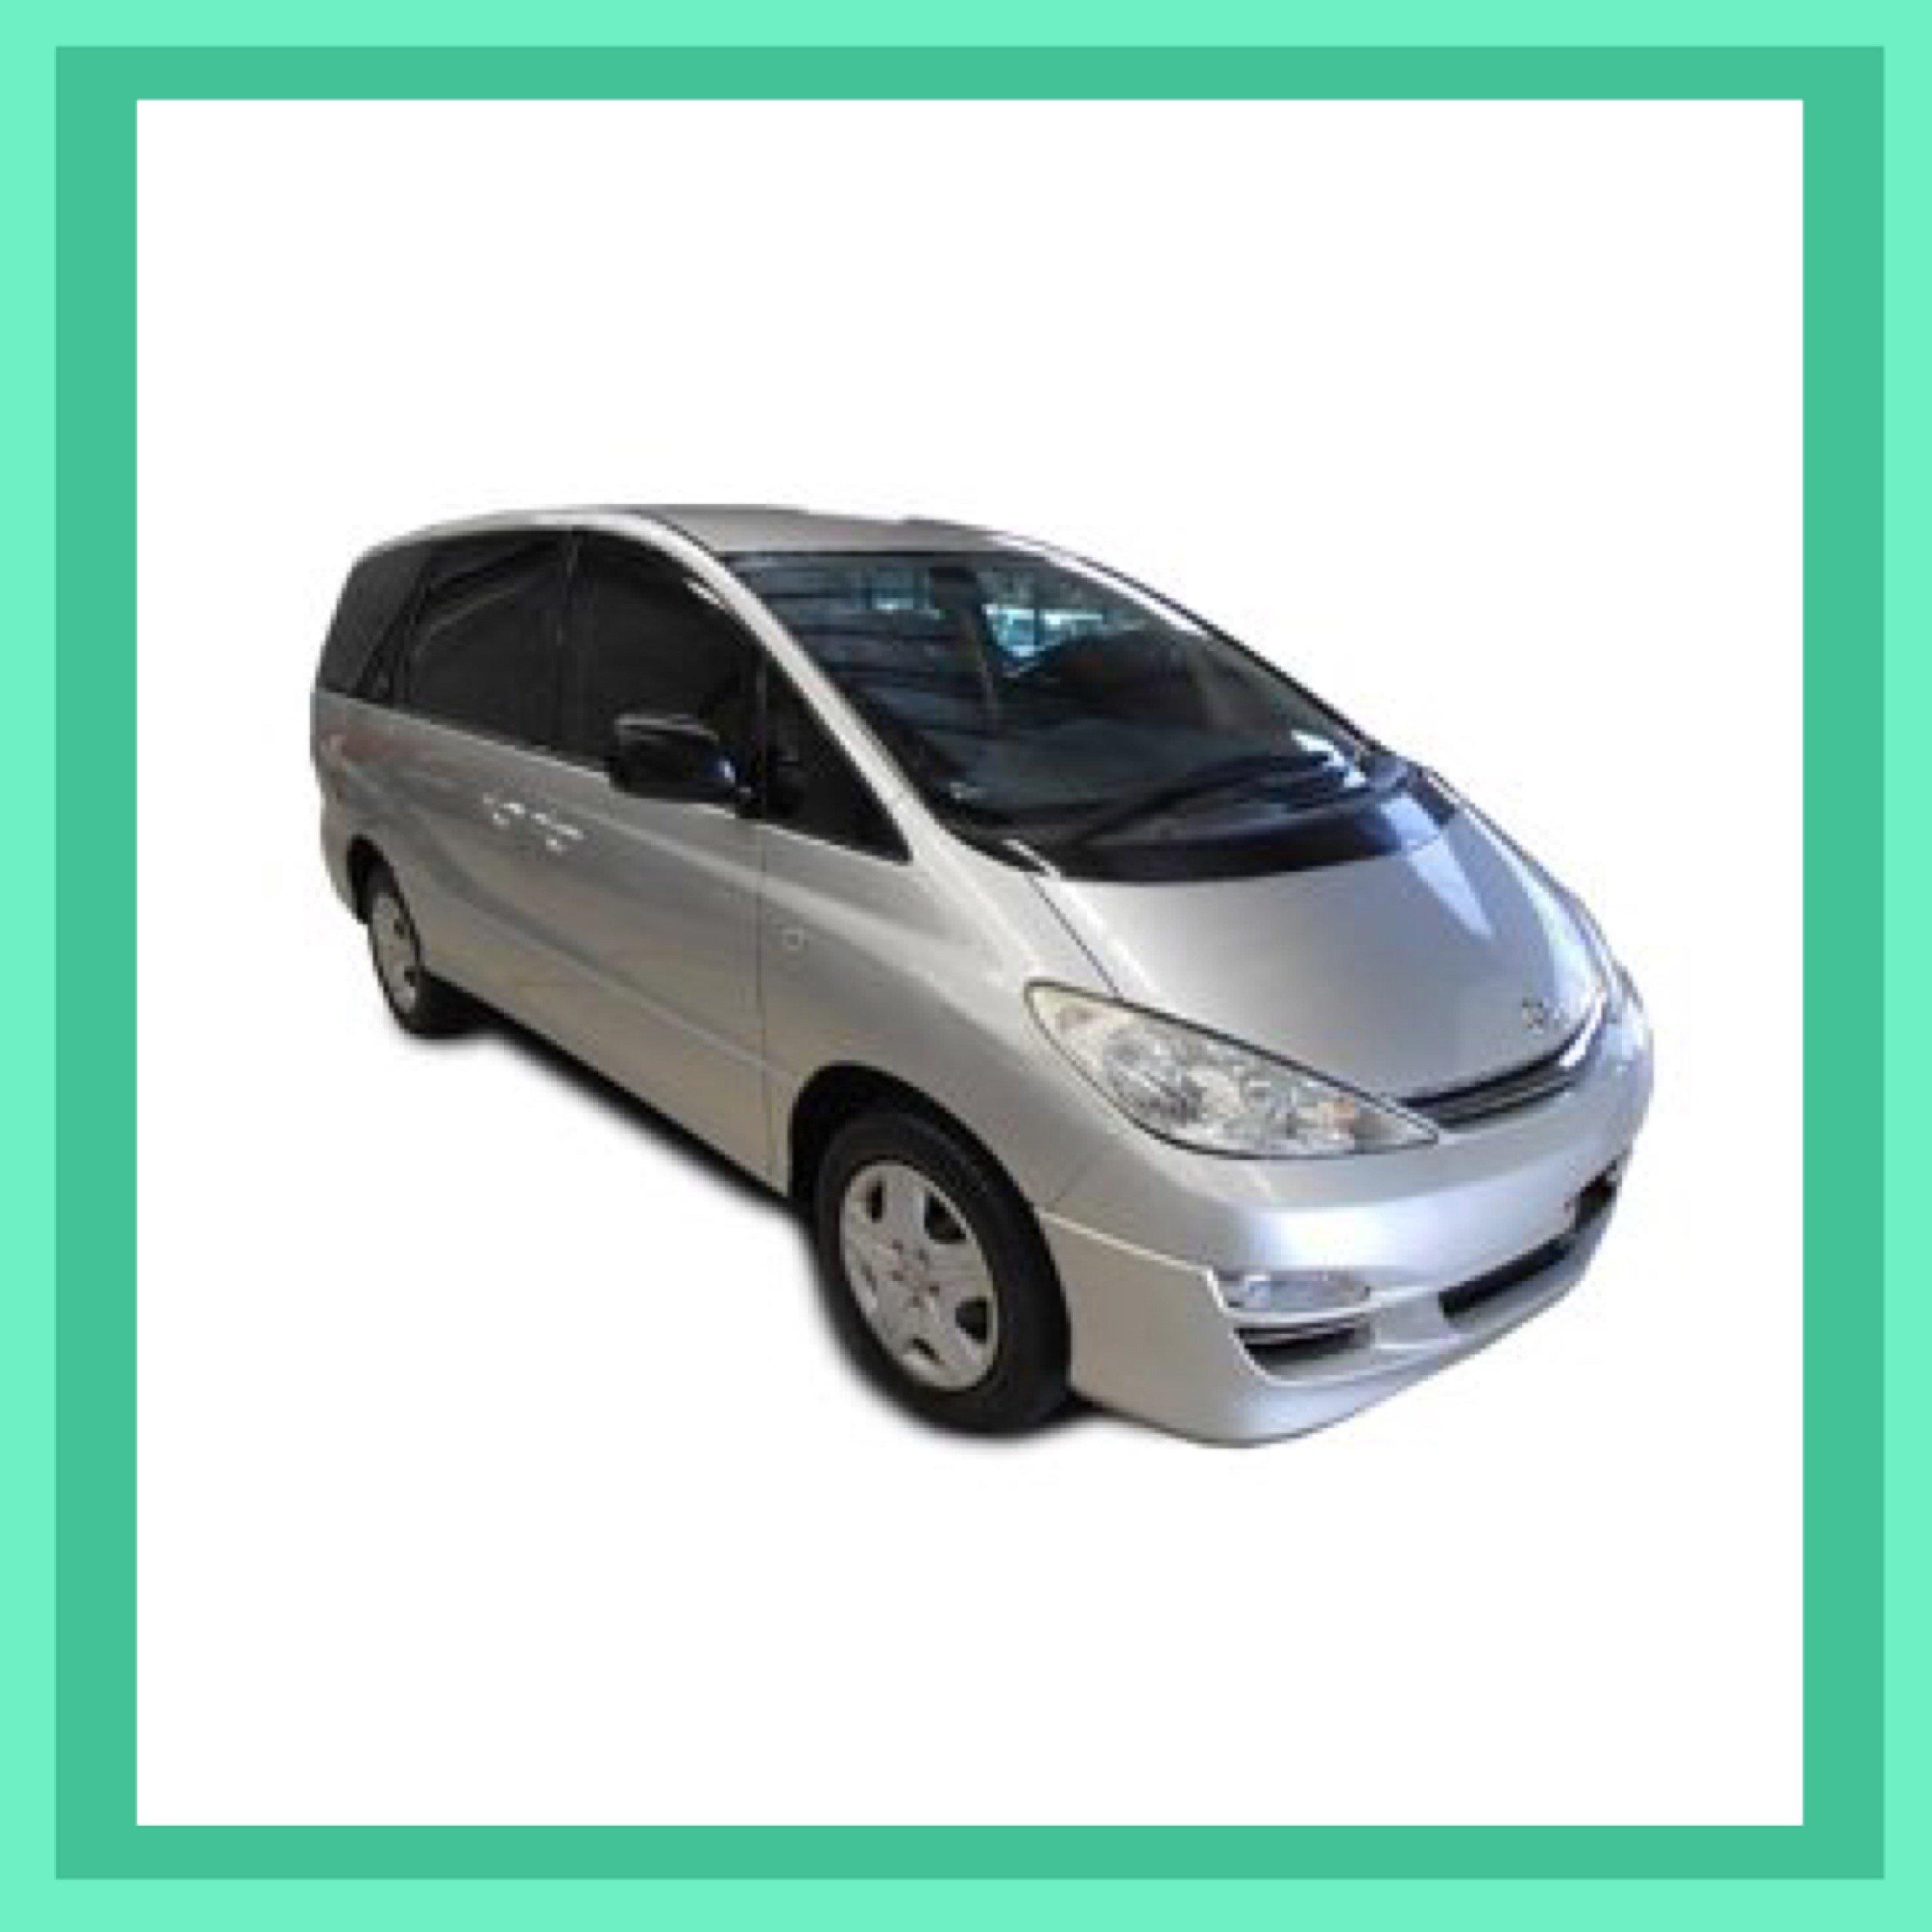 Toyota Tarago ACR30R 2003 - 2006